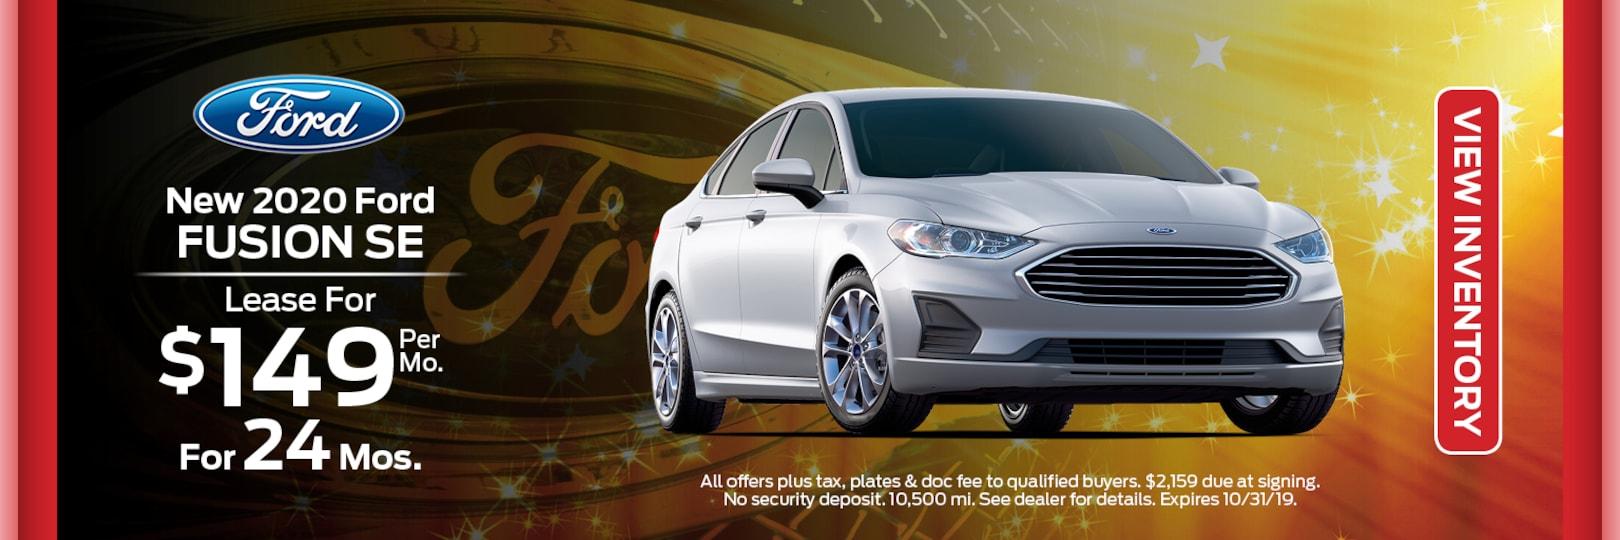 Jack Demmer Lincoln >> Jack Demmer Ford Inc. | Ford Dealership in Wayne MI